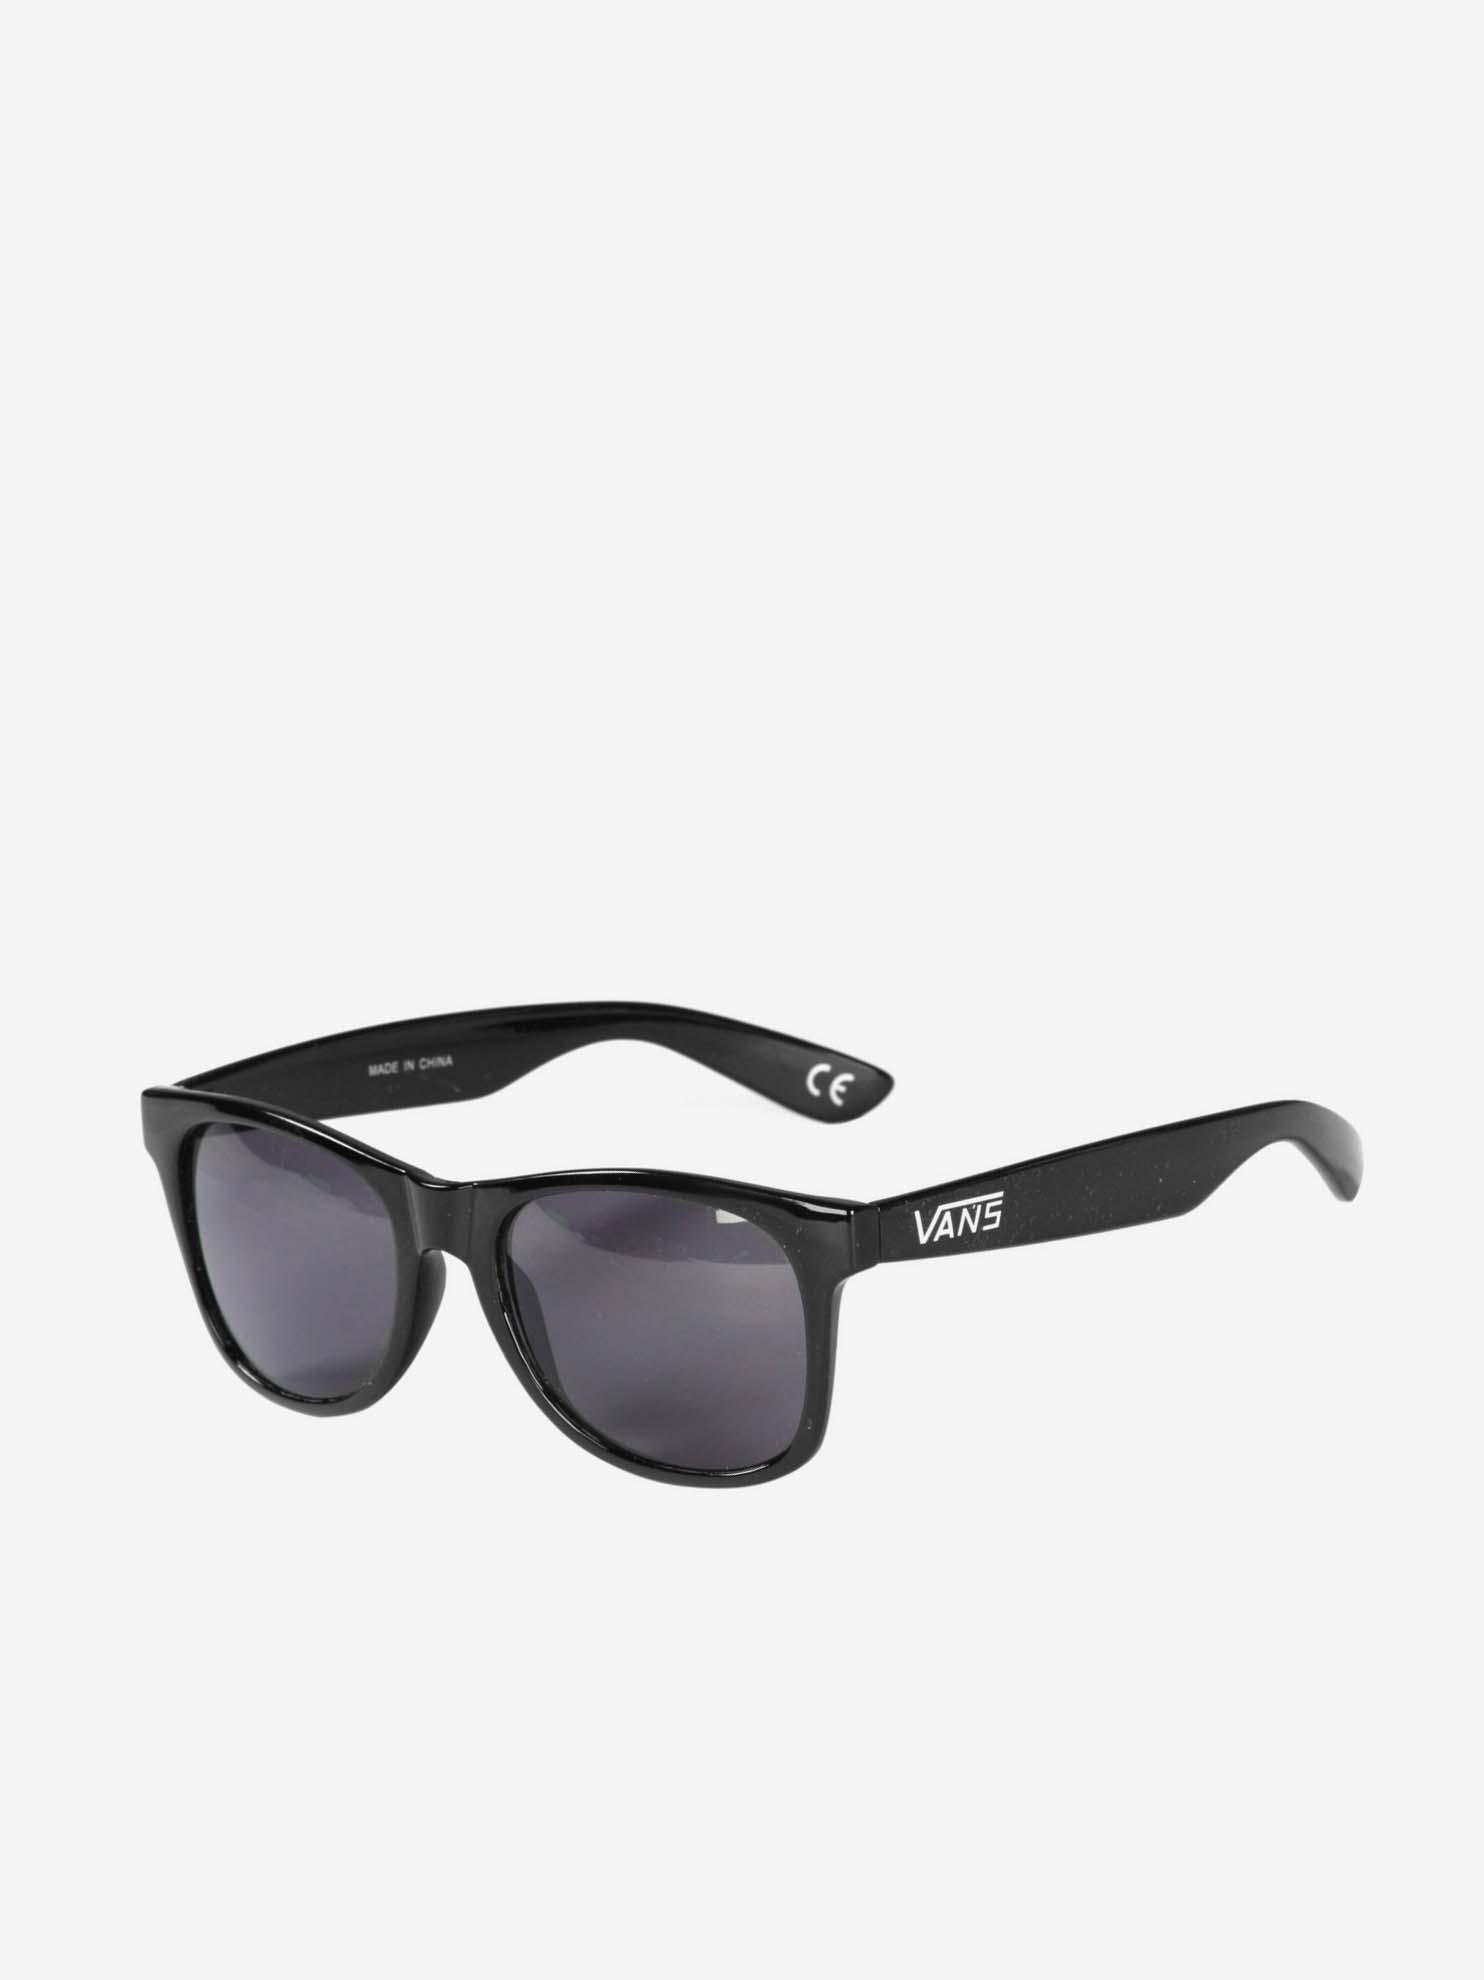 Vans Spicoli 4 SHADES black slnečné športové okuliare - čierna